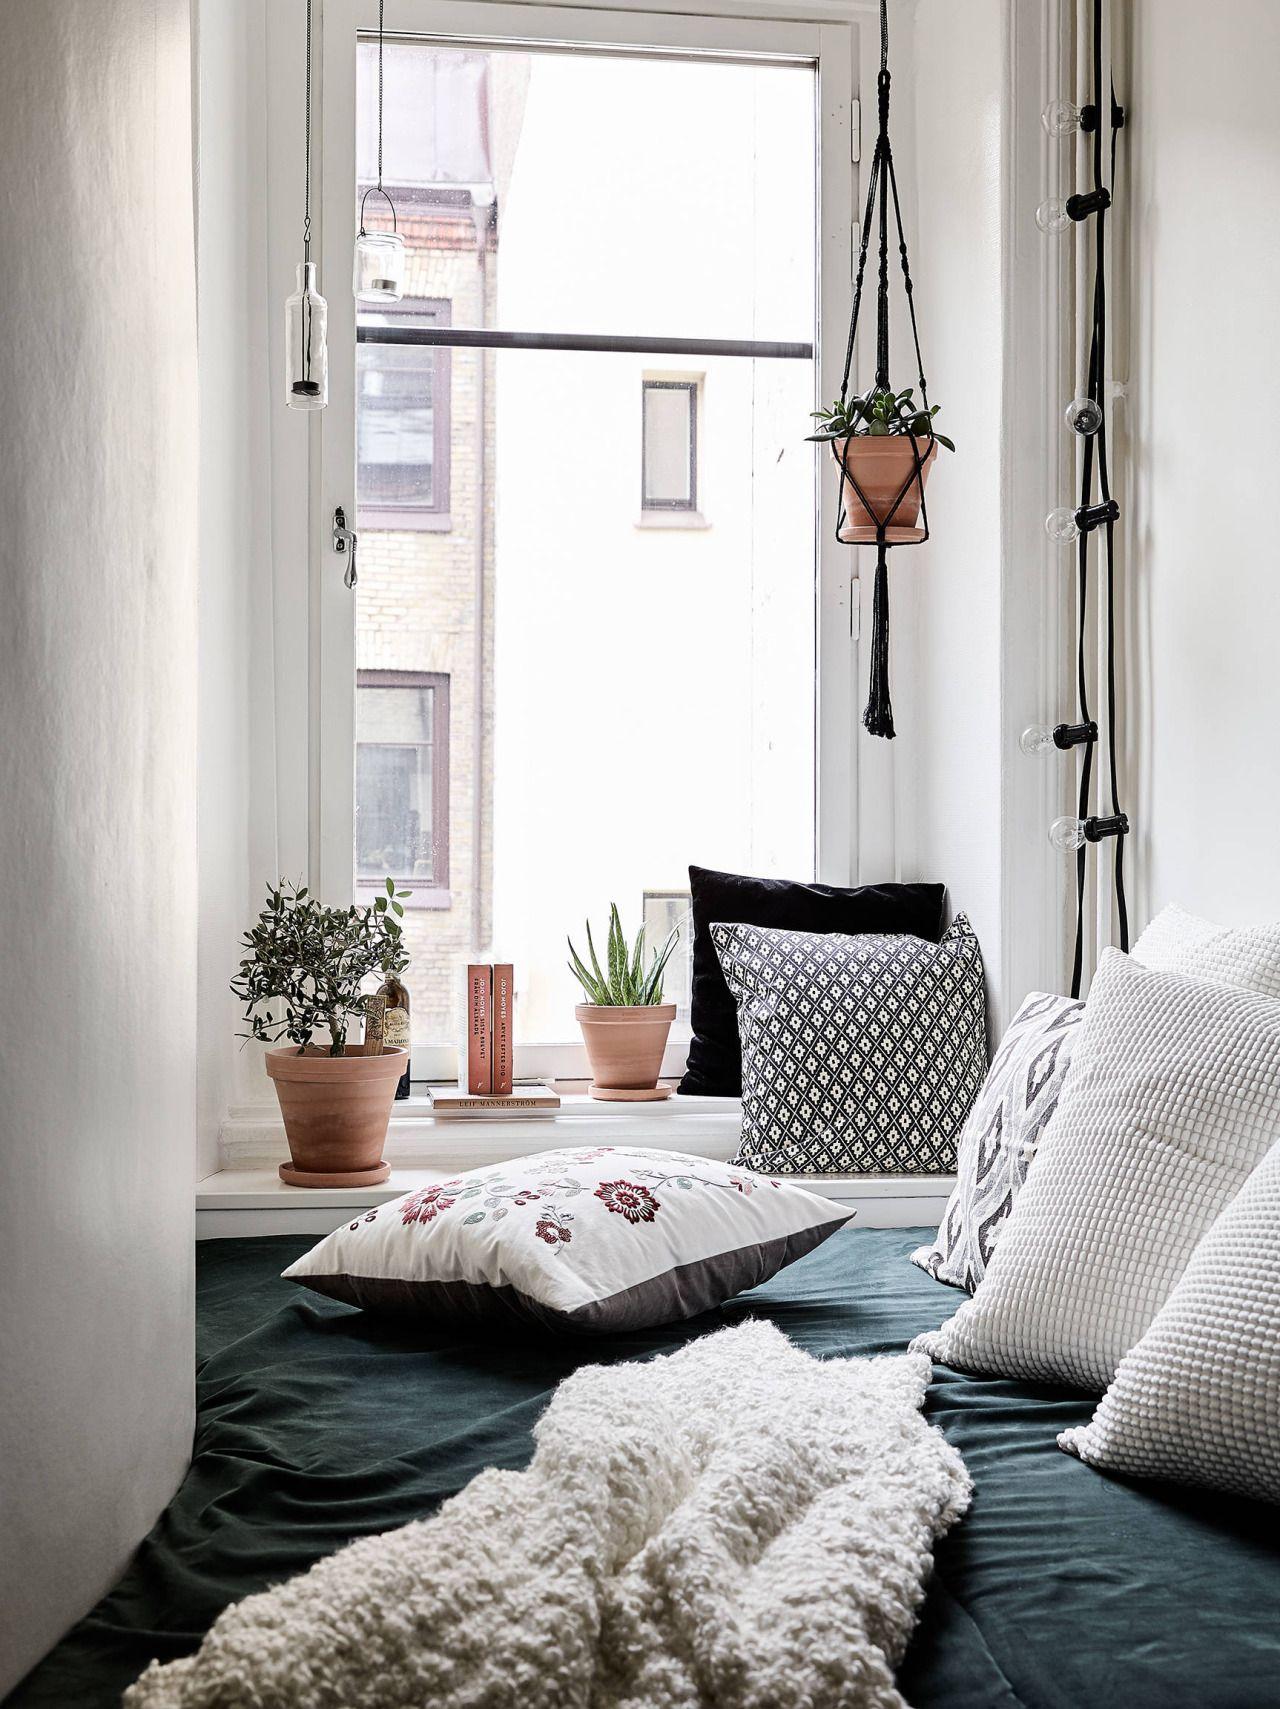 Tumblr Zimmer, Schlichte Schlafzimmer, Kleine Schlafzimmer,  Hauptschlafzimmer, Gemütliche Ecke, Vintage Häuser, Fenstersitze,  Traumzimmer, Zukünftiges Haus